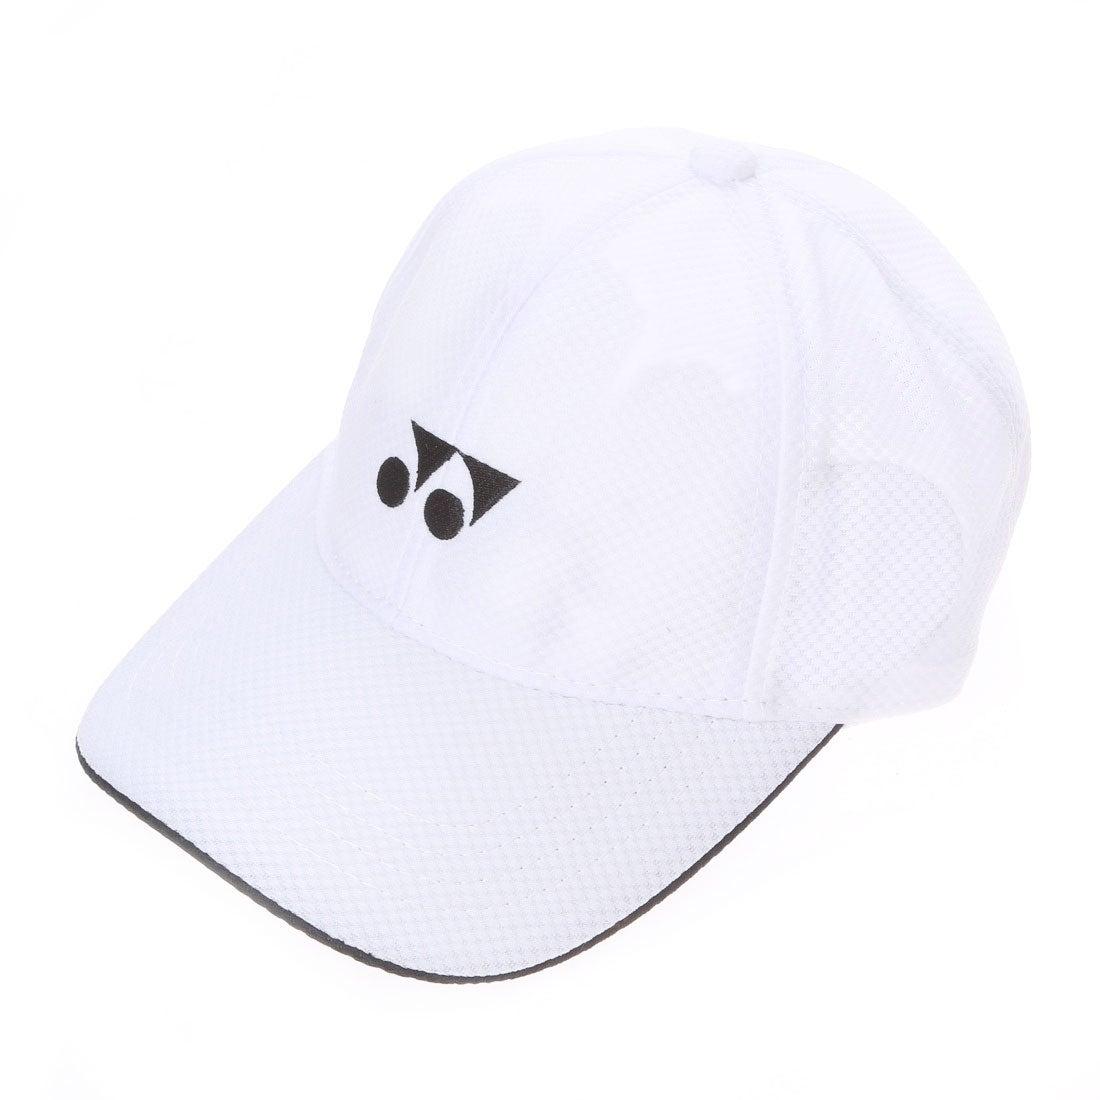 dcc37bb4c9eb3 ヨネックス YONEX ジュニア テニス キャップ メッシュキャップ 40002J -レディースファッション通販 ロコンドガールズコレクション  (ロココレ)